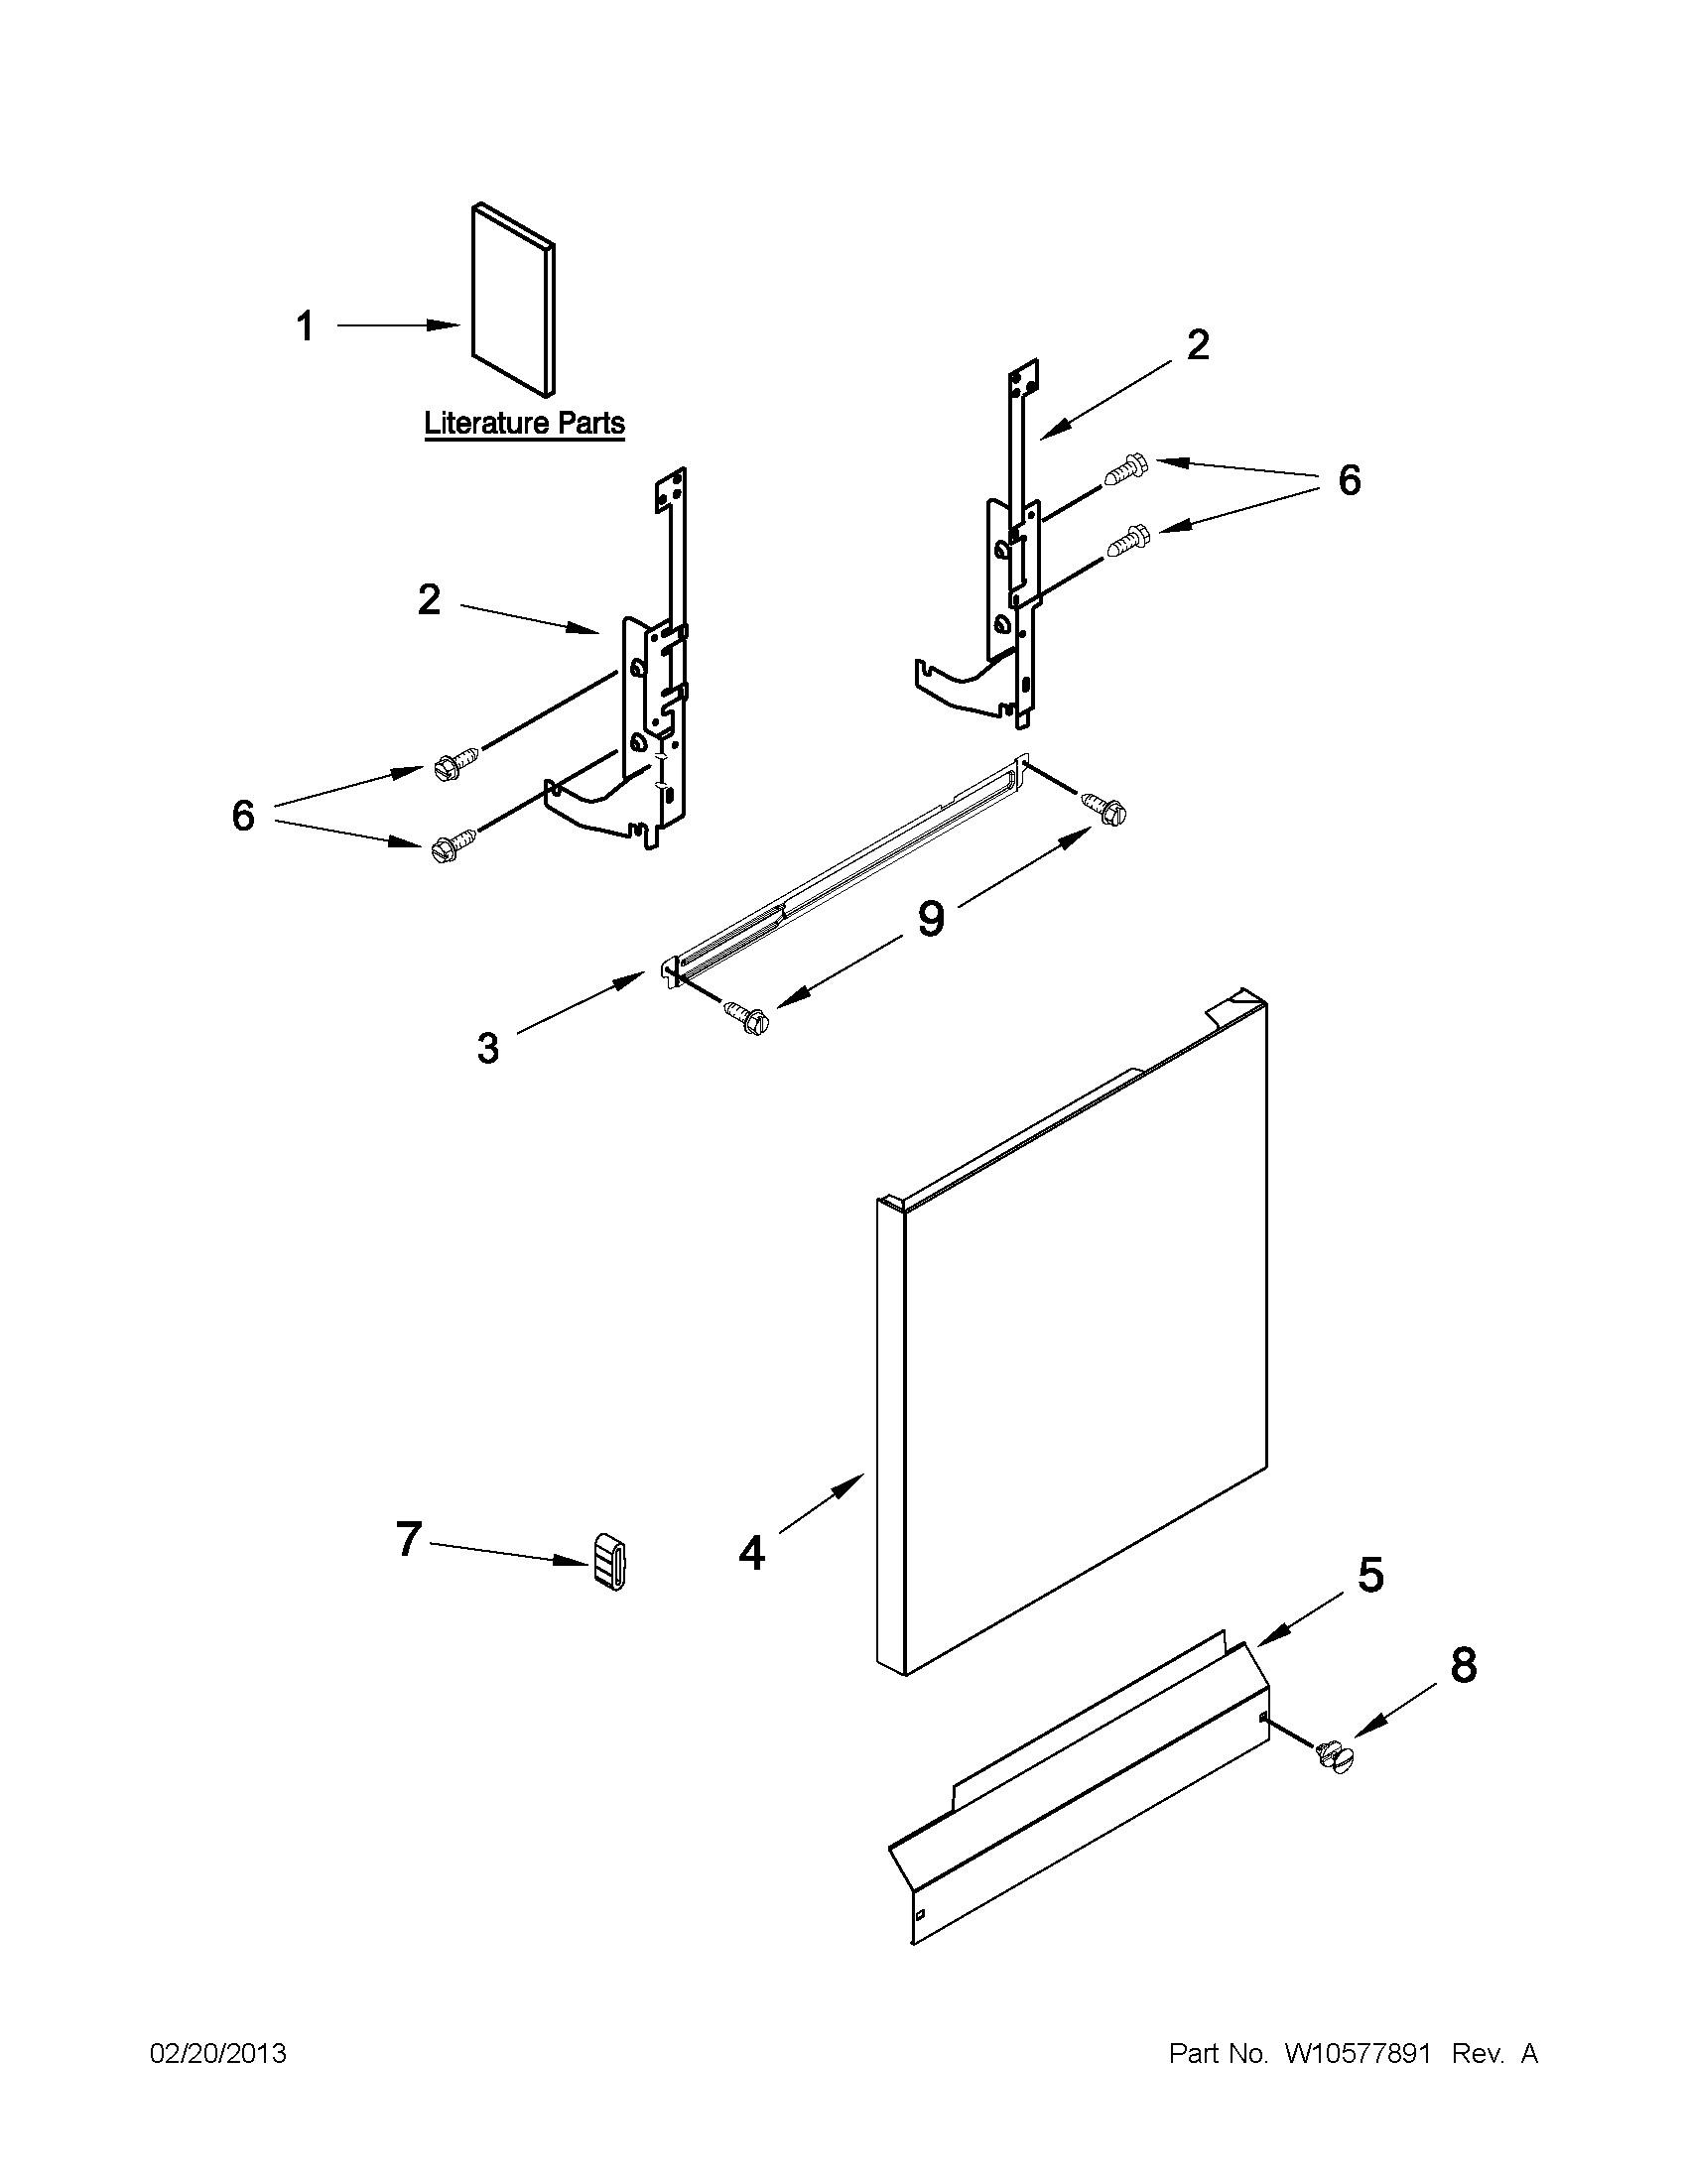 Amana Dryer Parts Diagram Wiring Diagram for Ge Dryer Door ... on